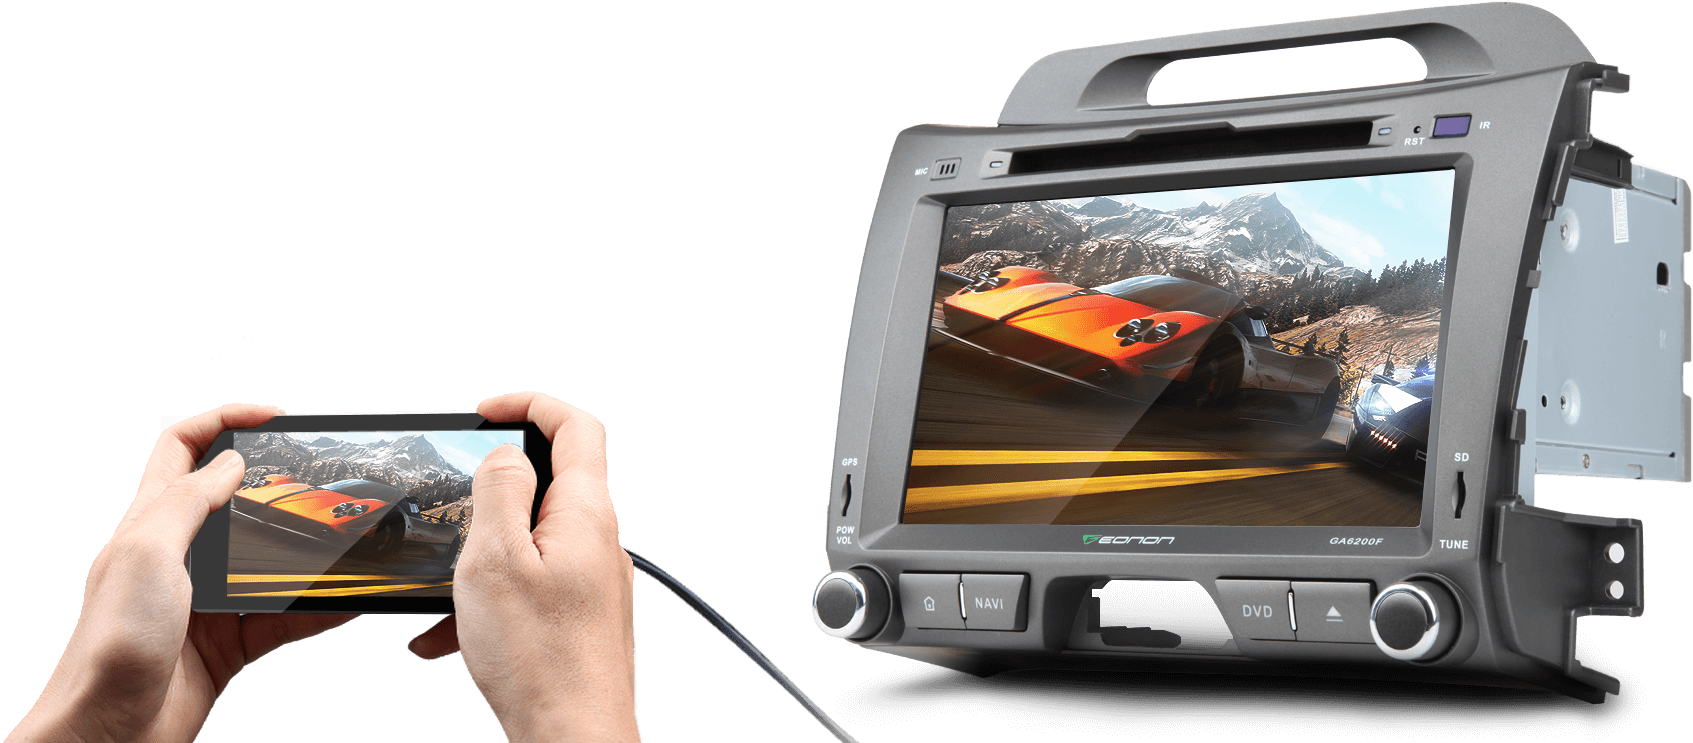 Eonon GA6200F | KIA Sportage Android 5 1 1 Lollipop In Dash Car